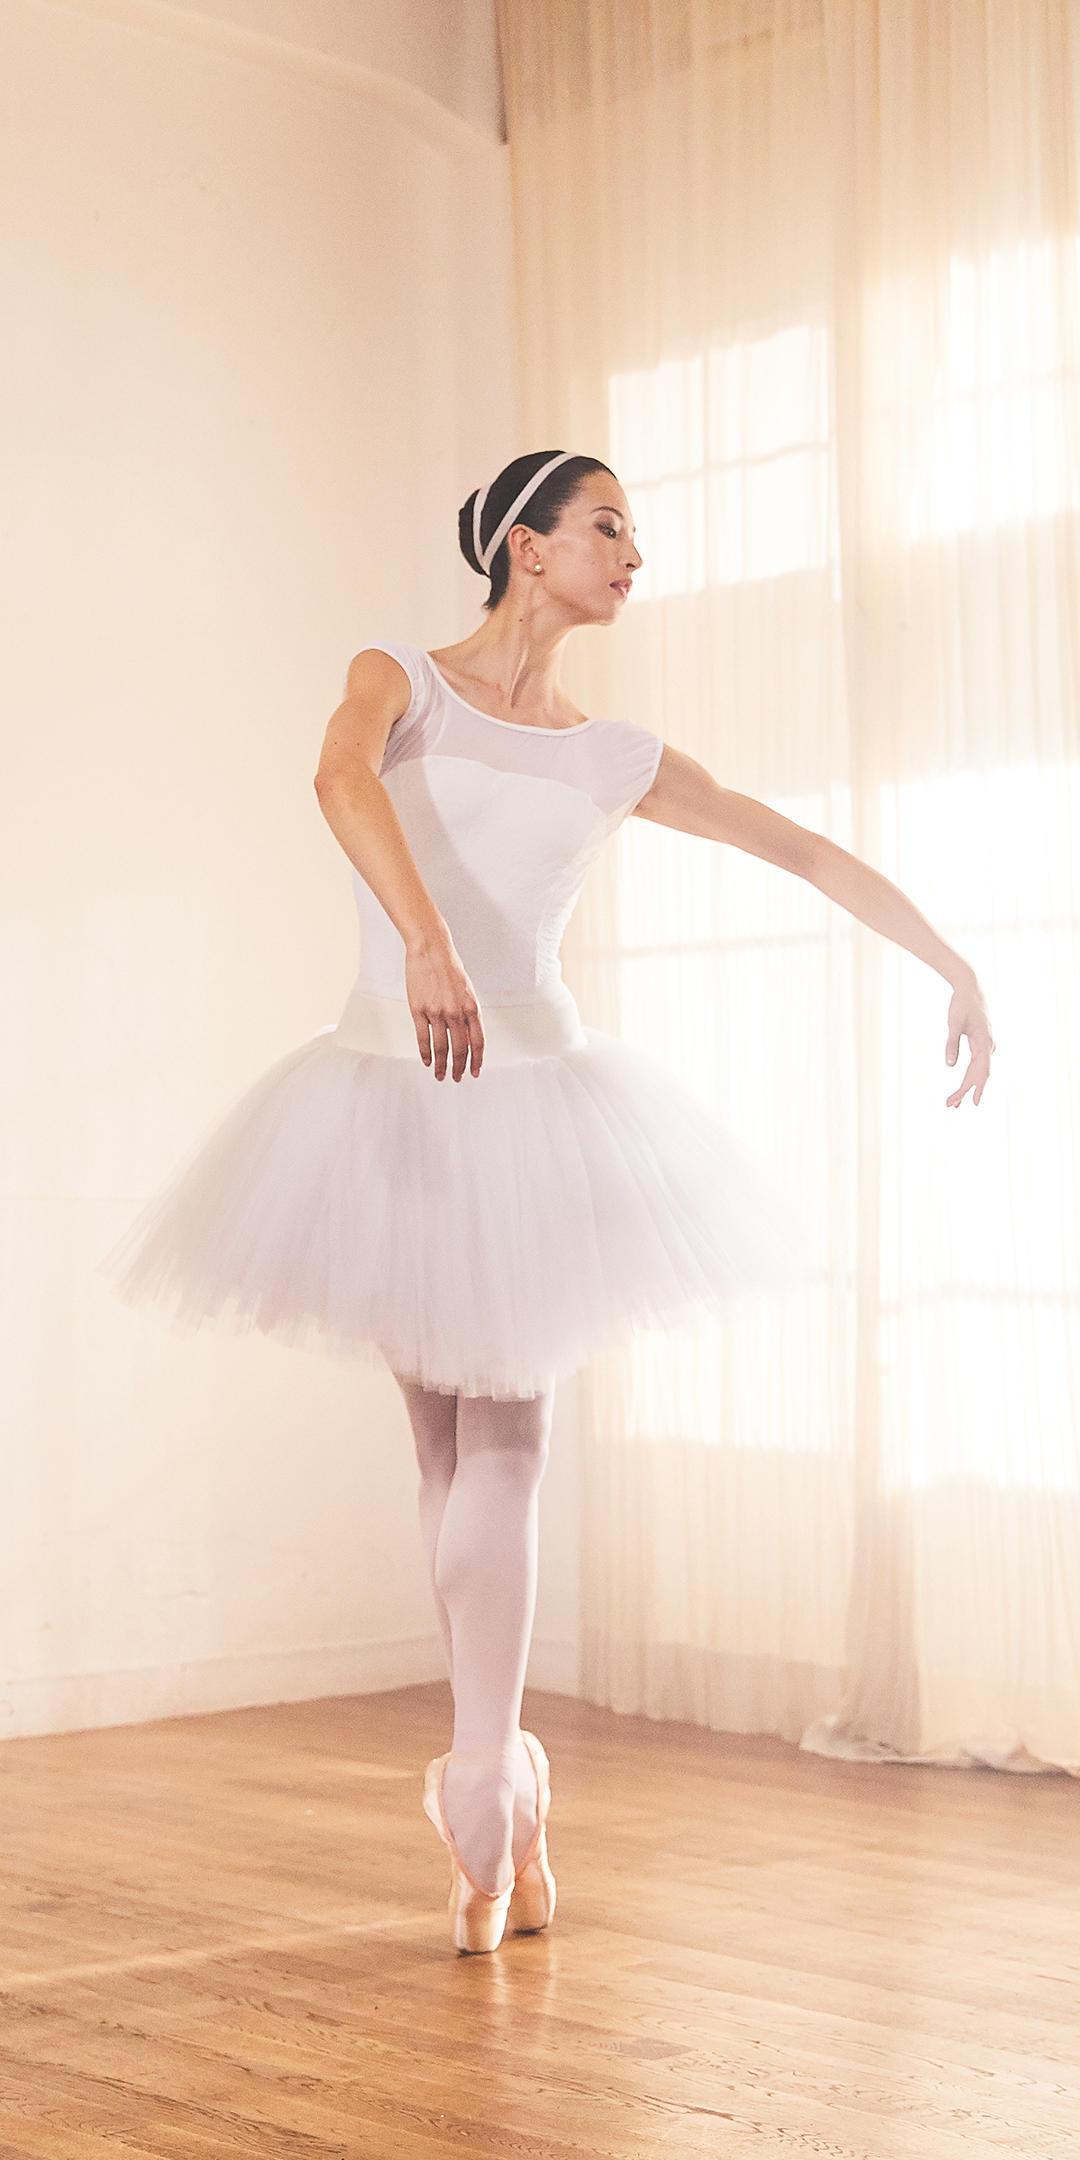 ladies_ballet_5.jpg